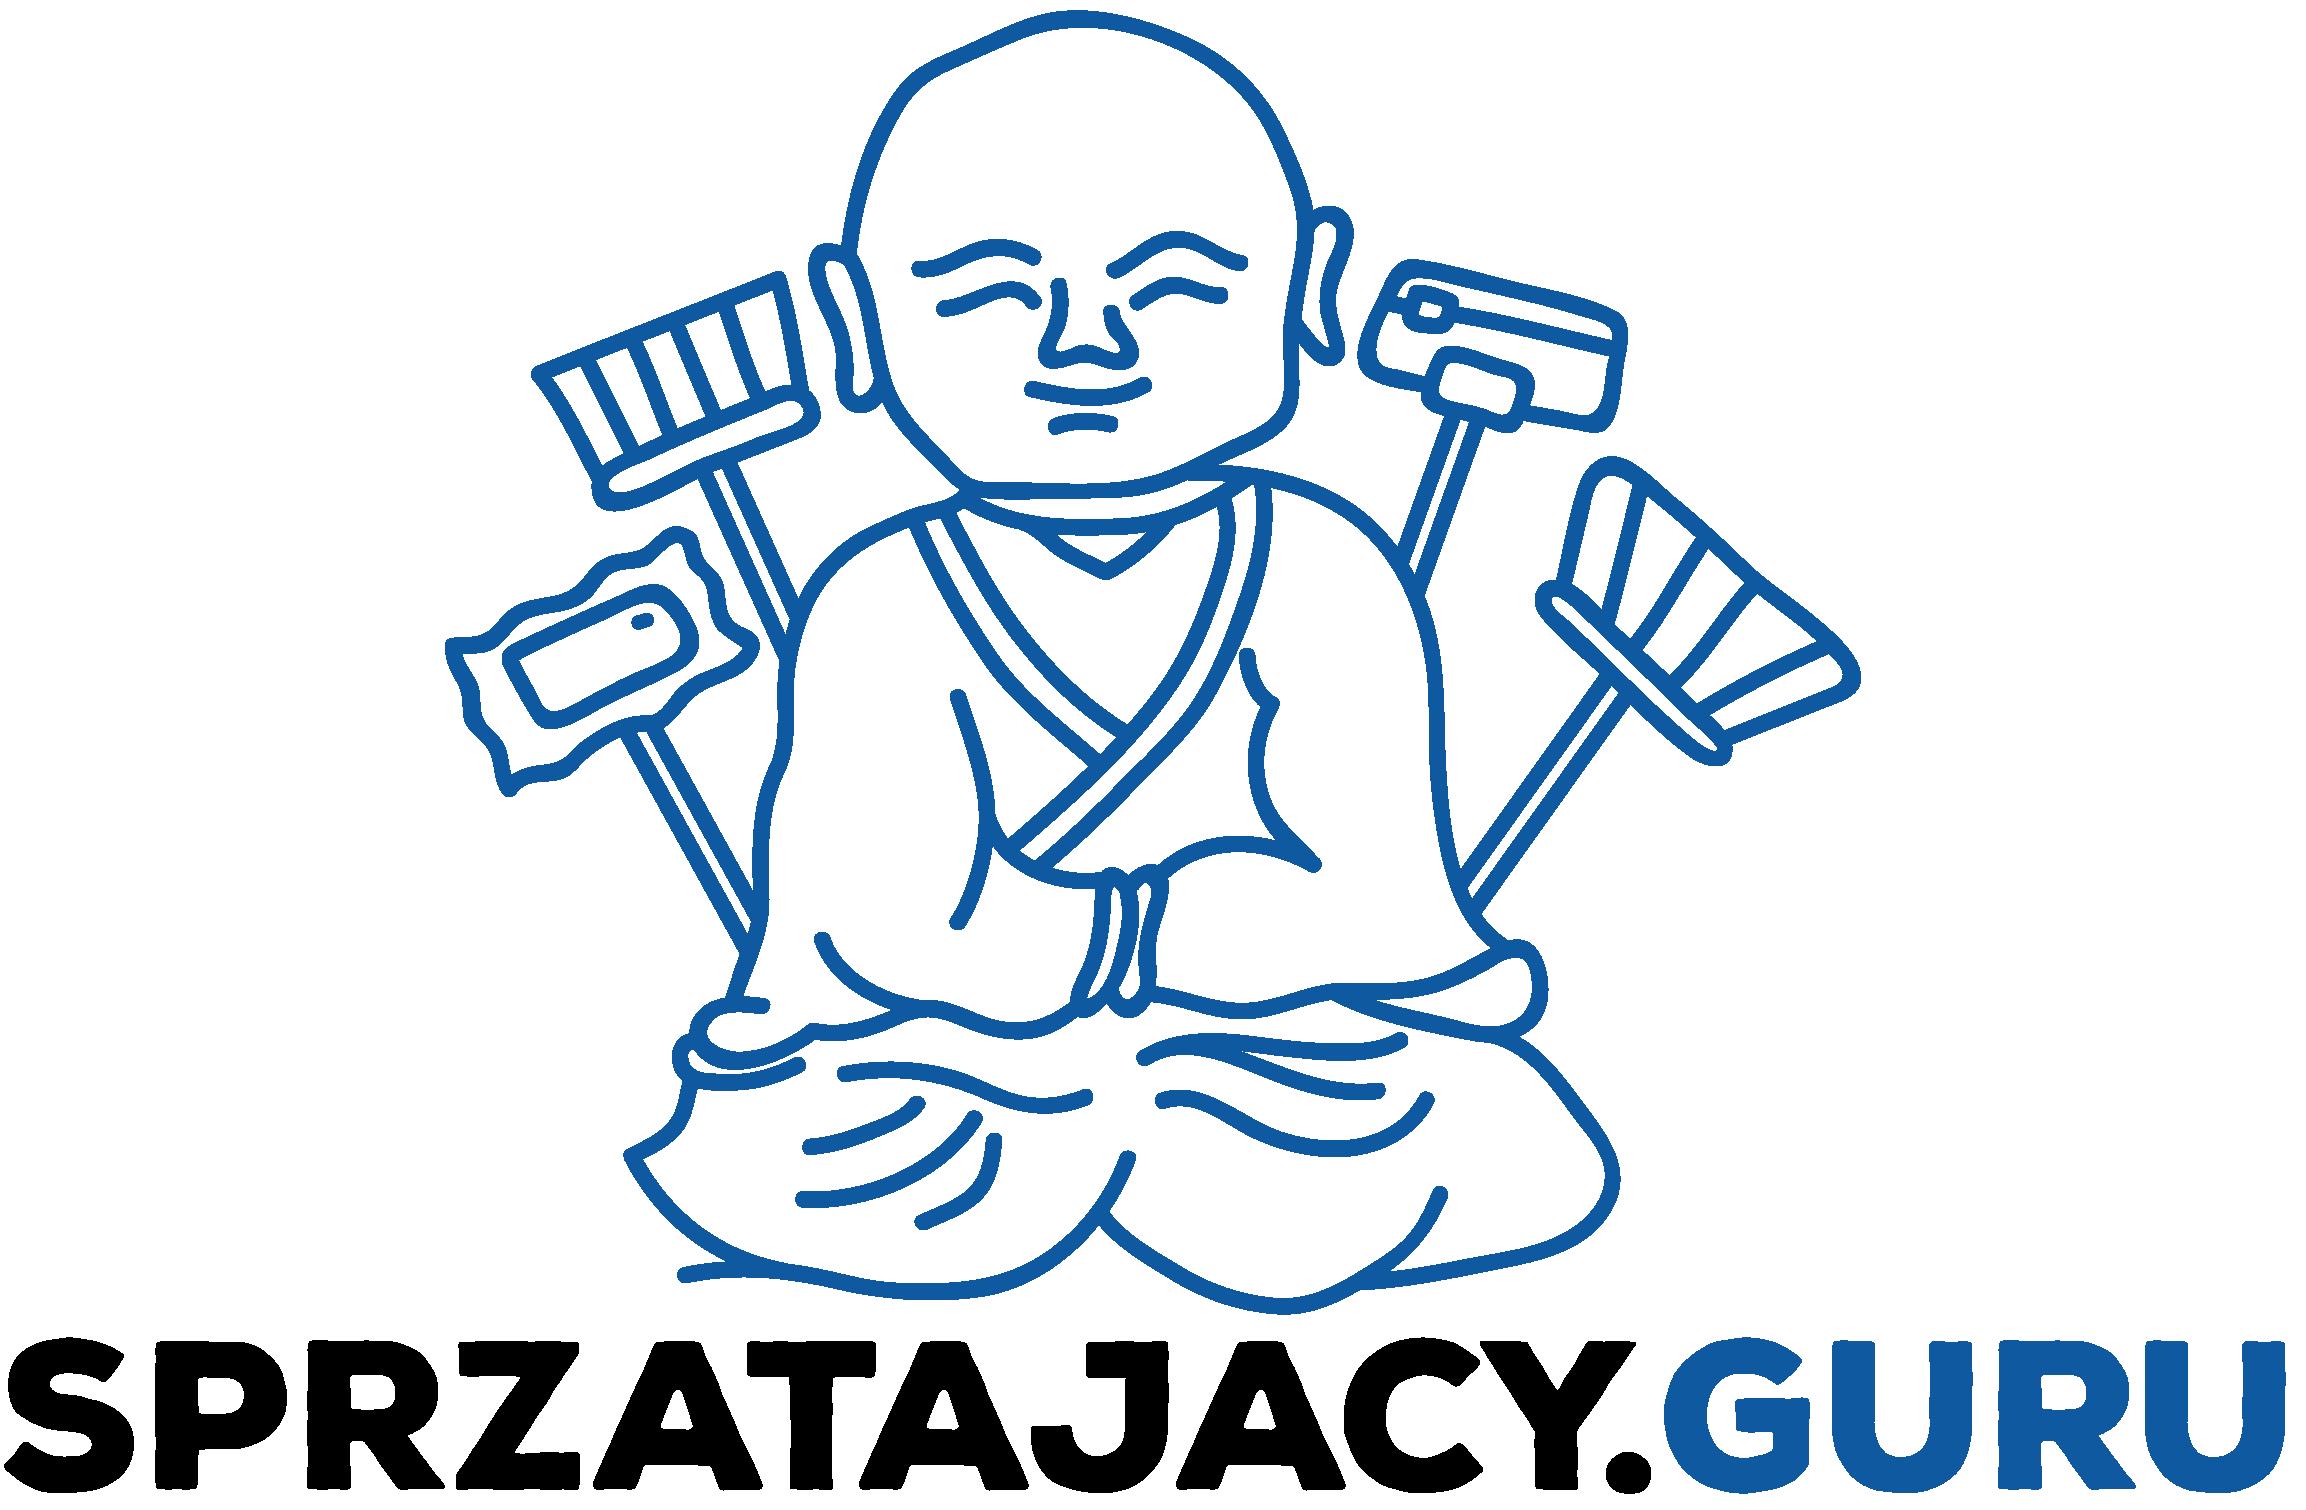 Sprzątający Guru